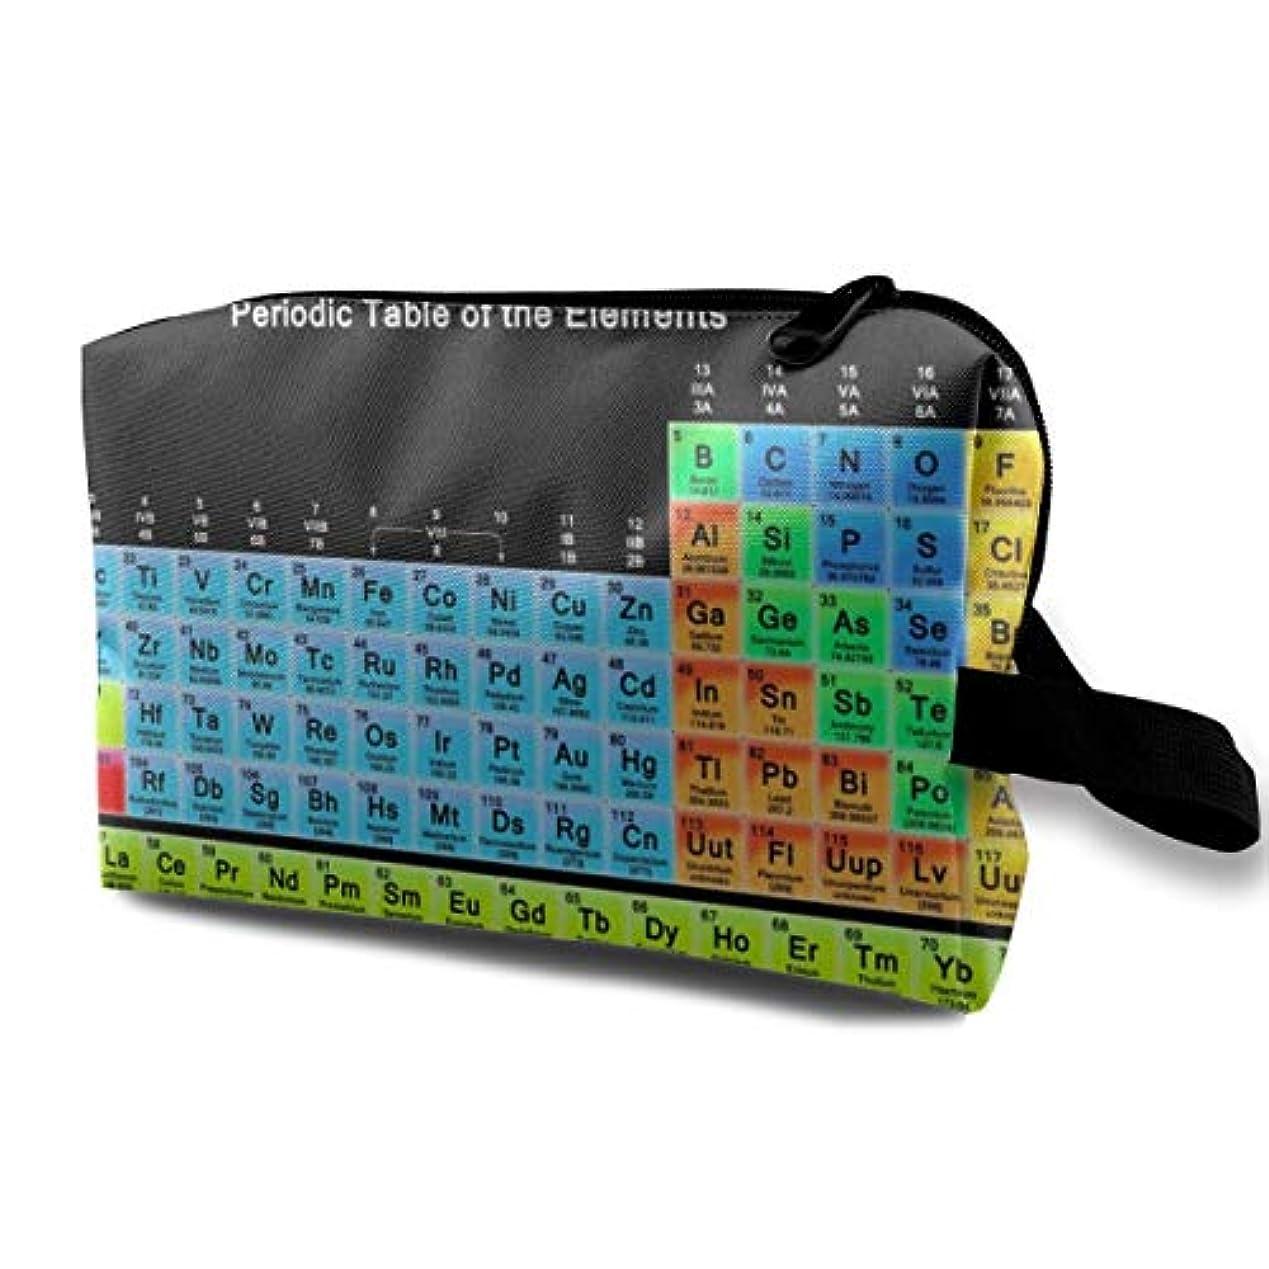 レルム曇った国籍Periodic Table Of Elements 収納ポーチ 化粧ポーチ 大容量 軽量 耐久性 ハンドル付持ち運び便利。入れ 自宅?出張?旅行?アウトドア撮影などに対応。メンズ レディース トラベルグッズ